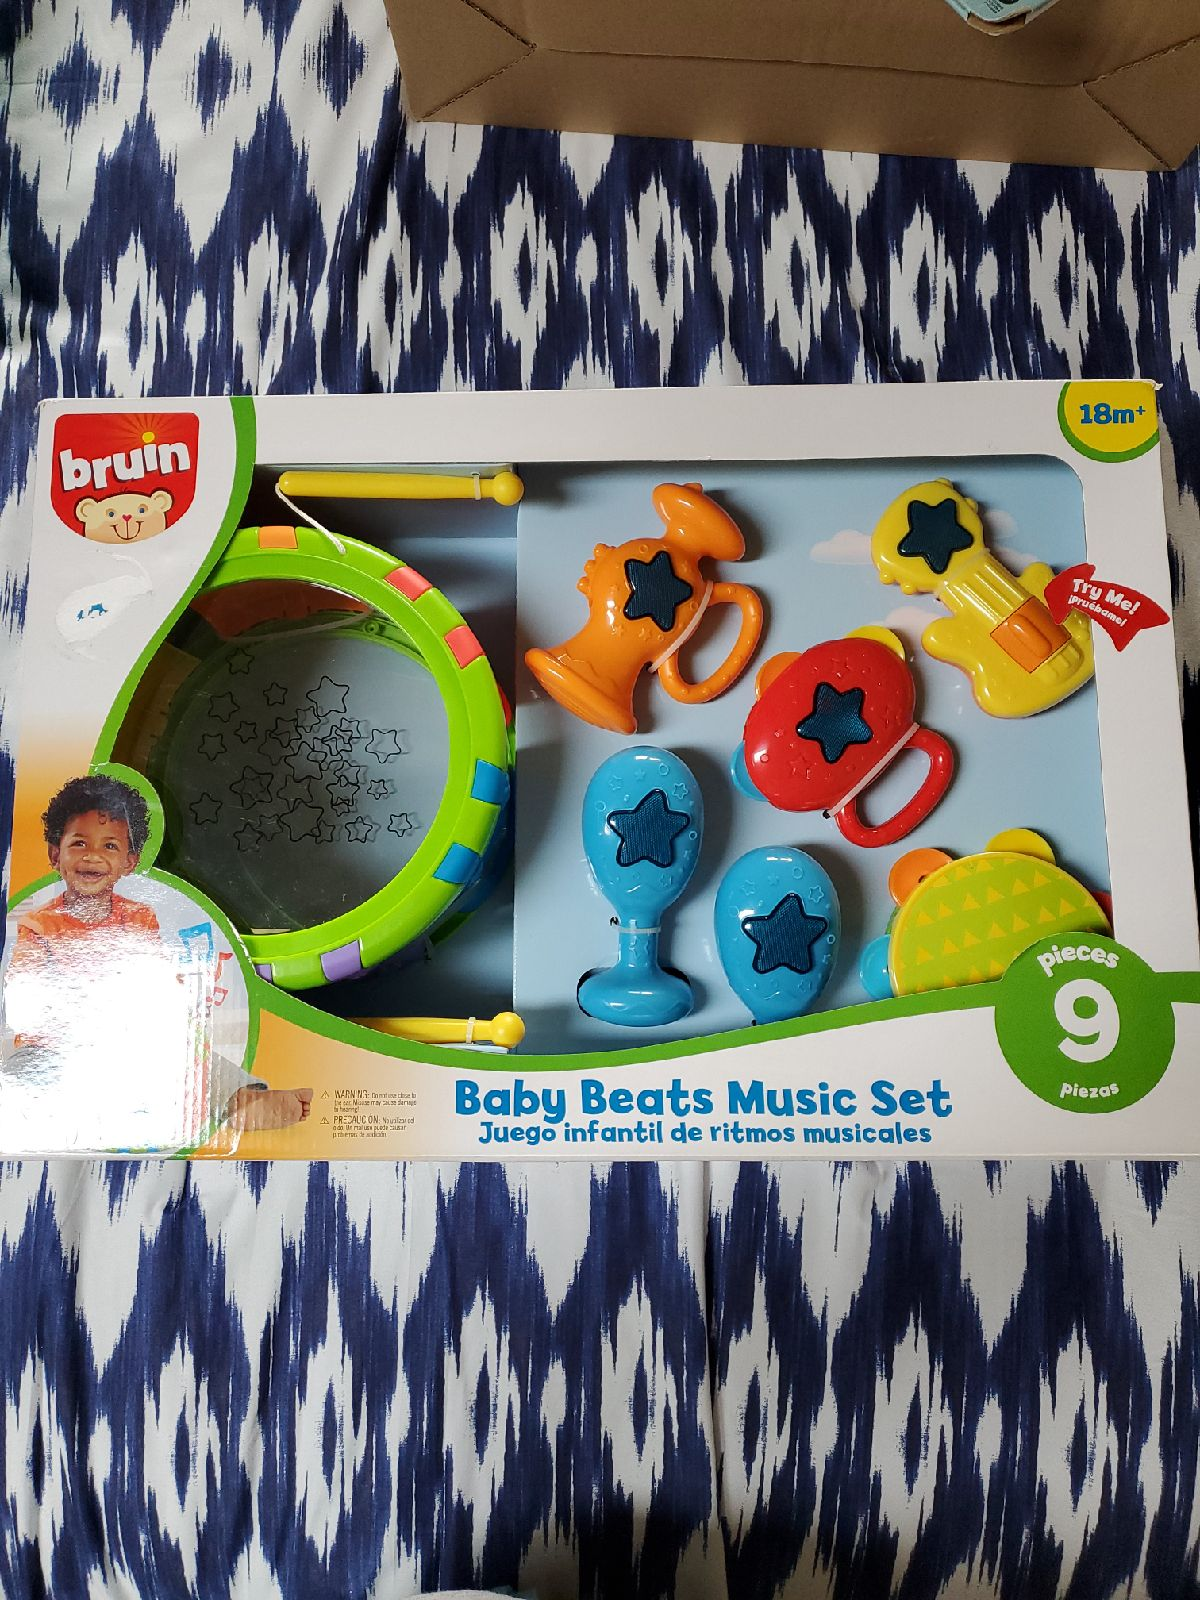 Bruins Baby Beats Music Set